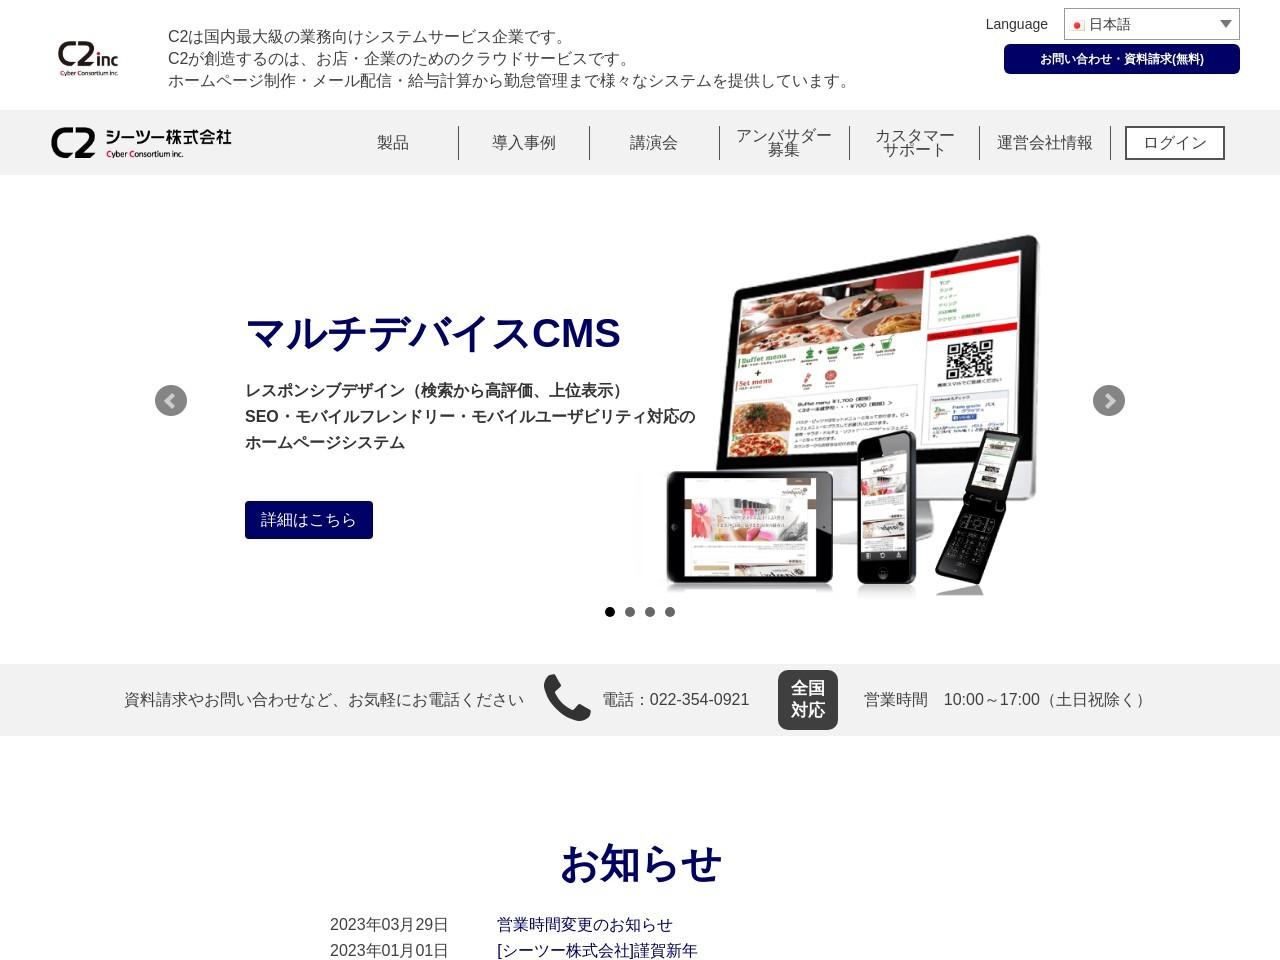 シーツー株式会社 | ホームページ制作・メール配信